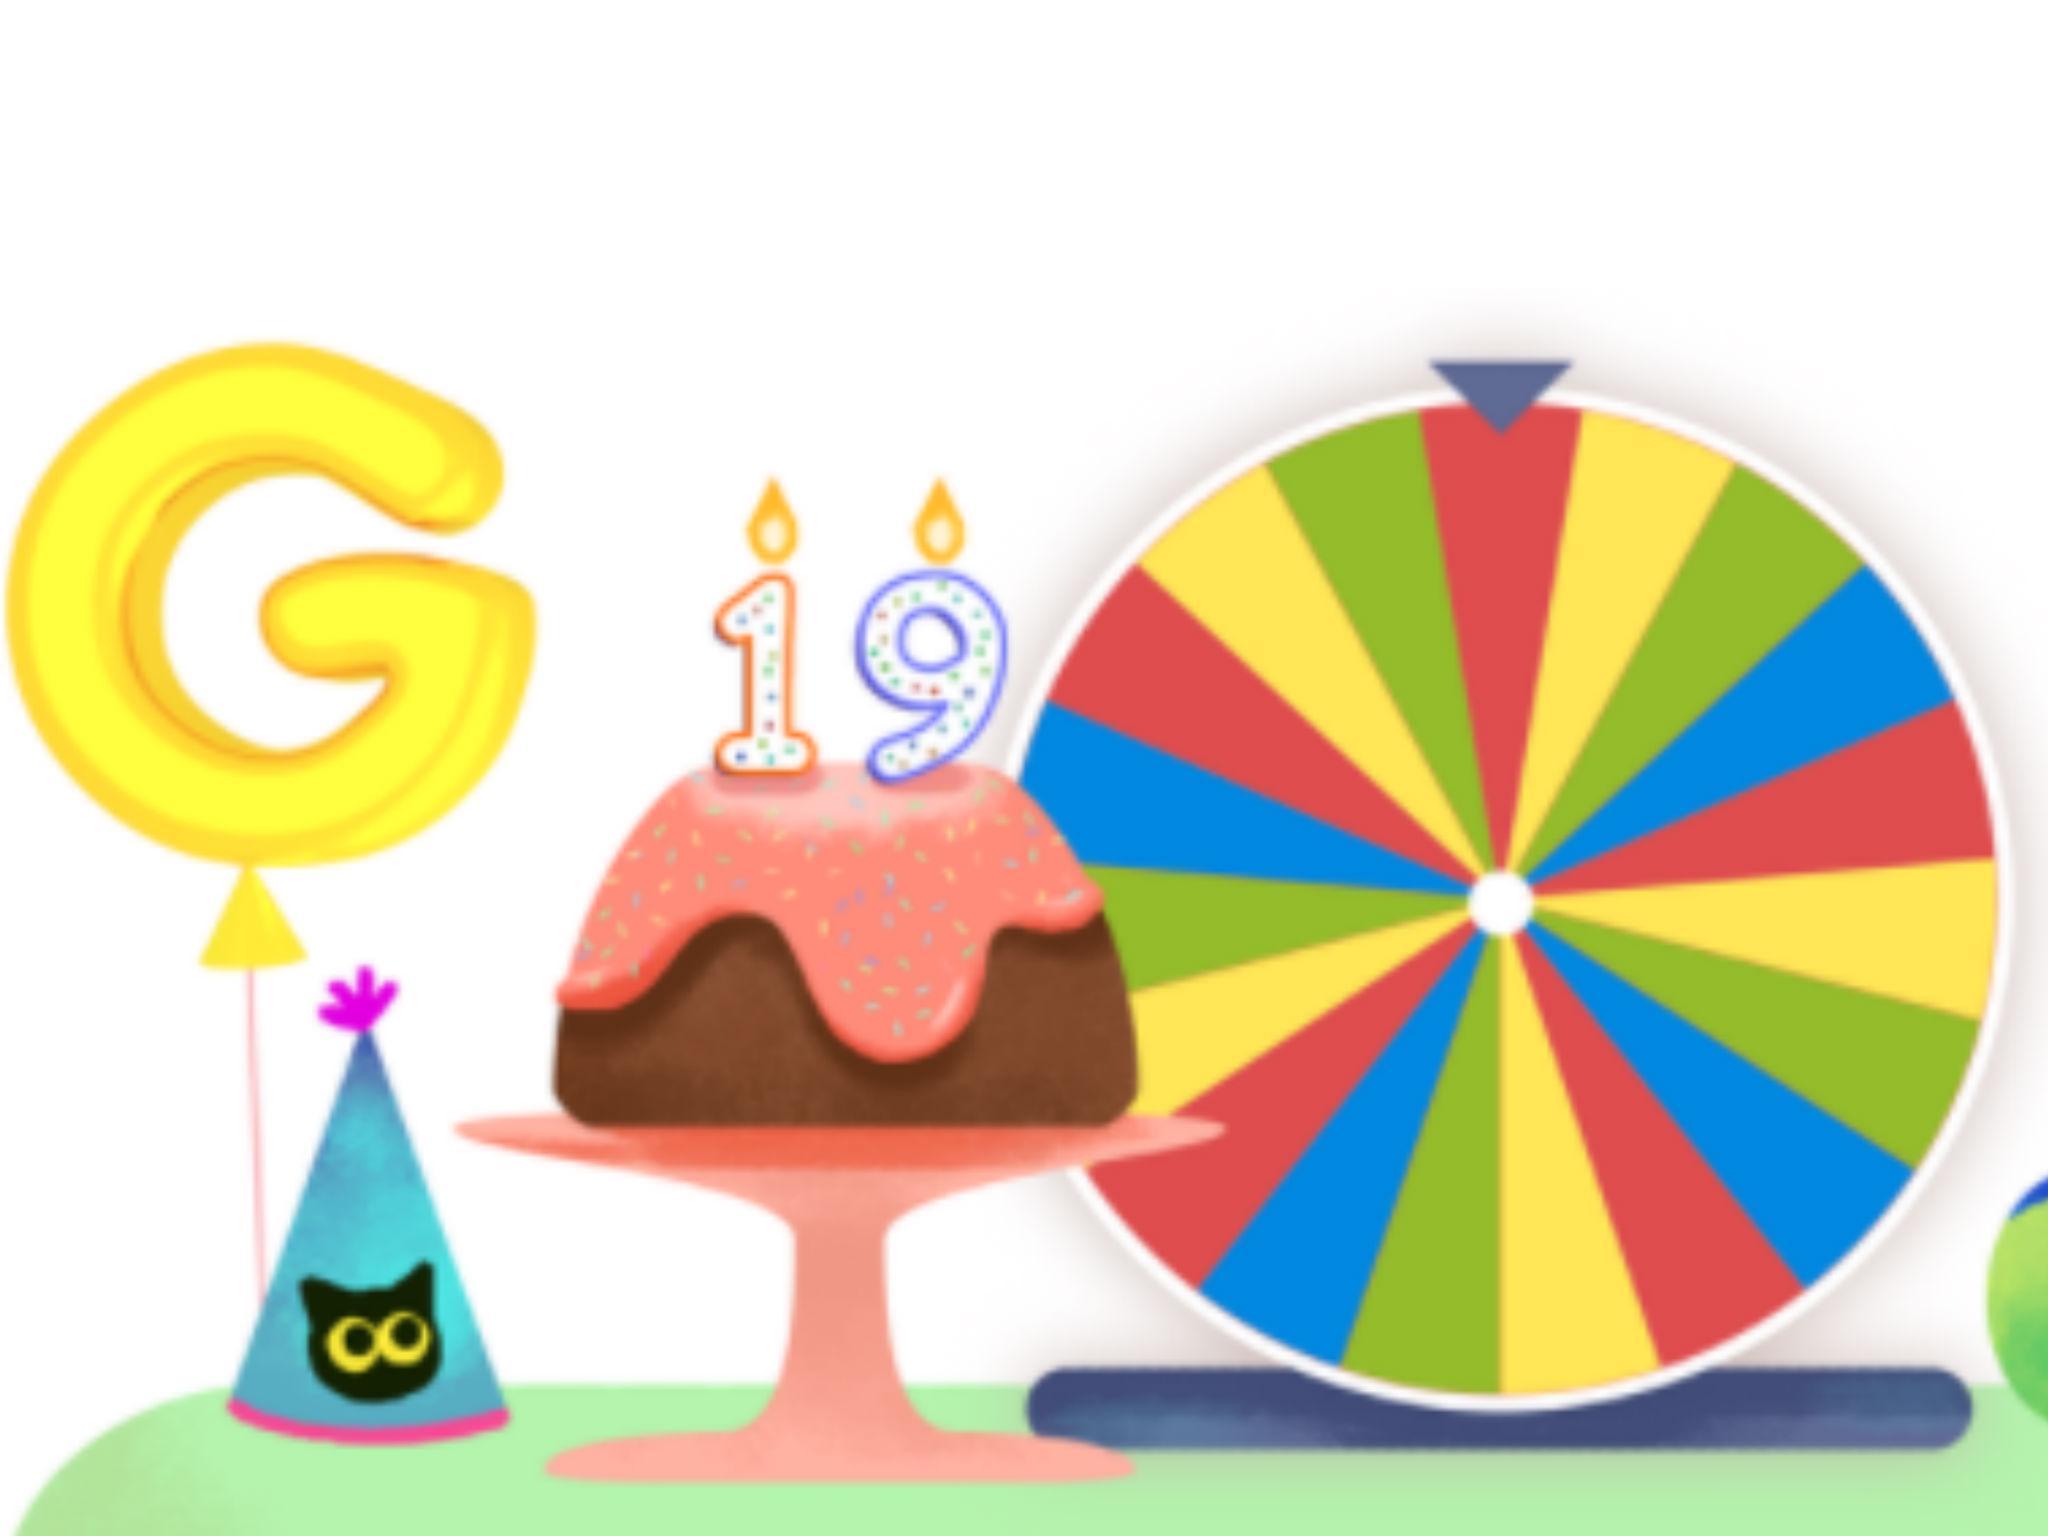 Faites tourner la roue pour l'annniversaire de google